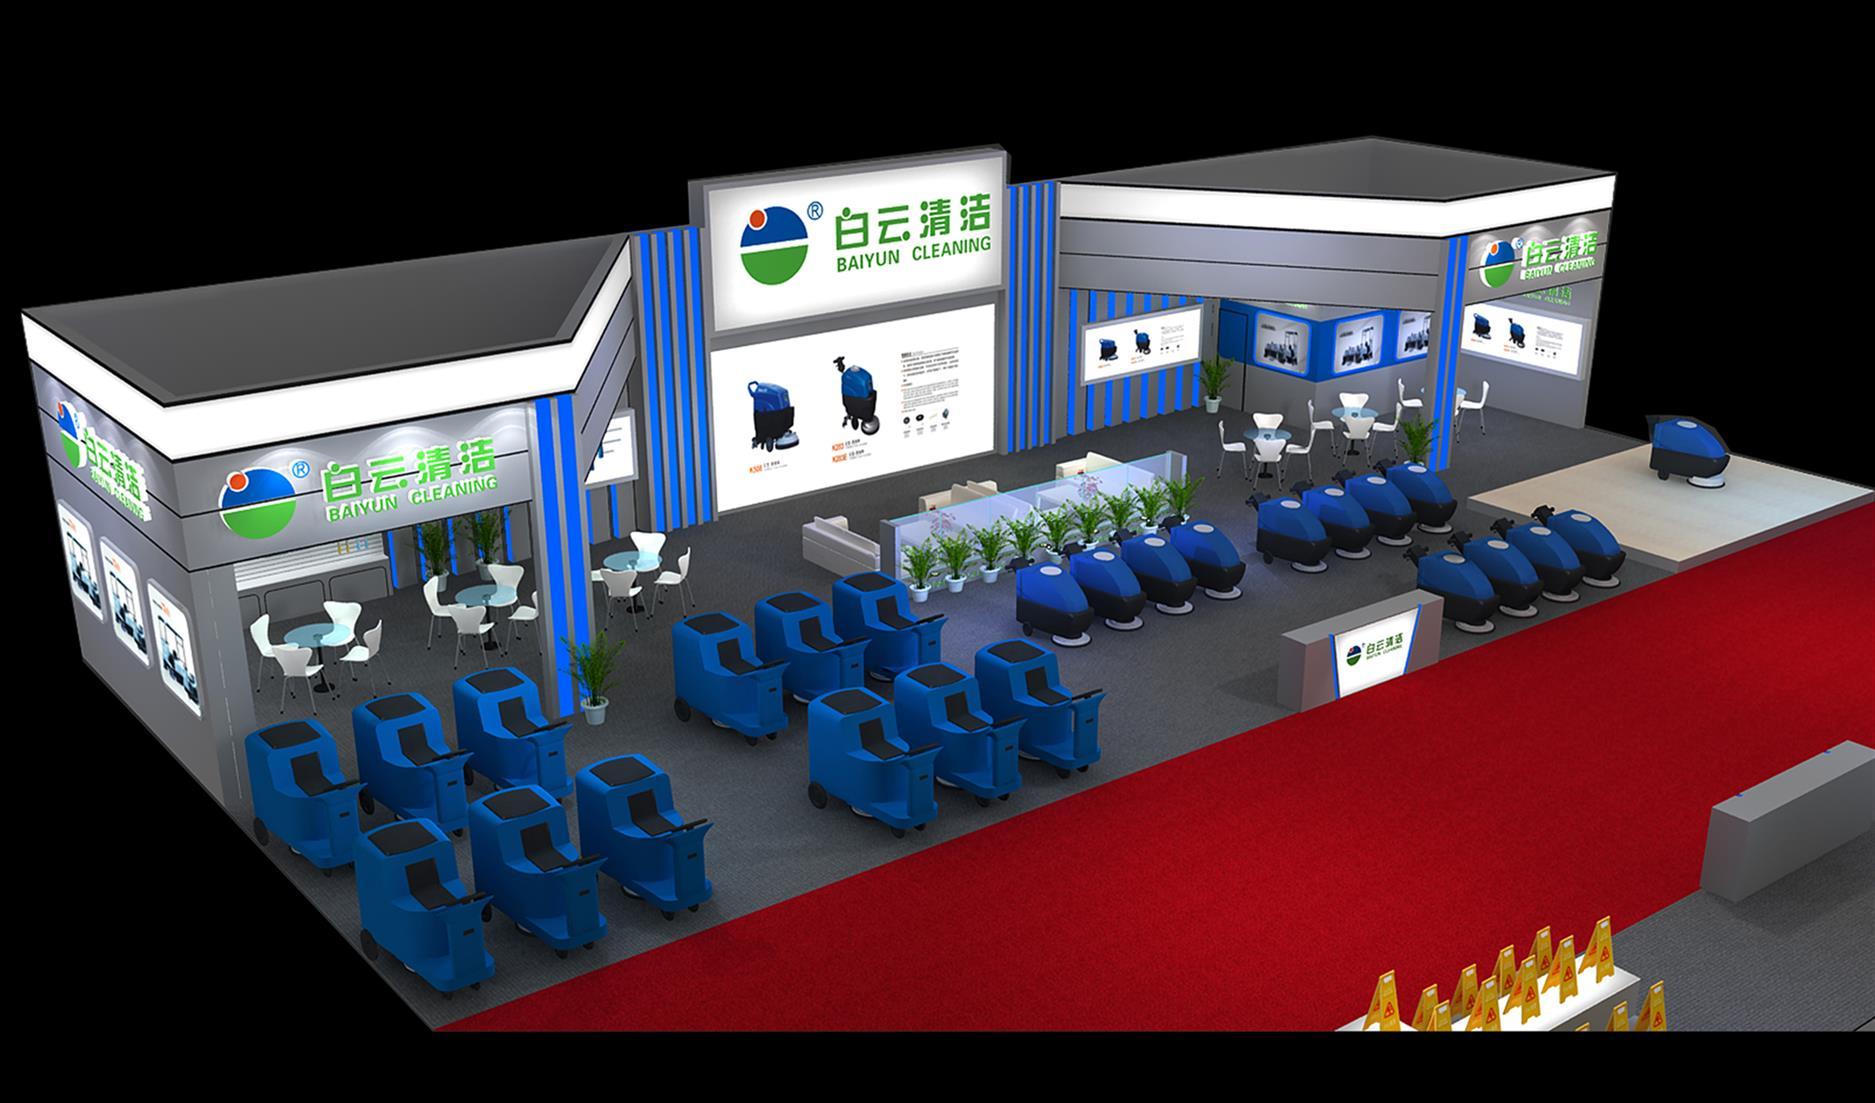 上海酒店用品展展台搭建